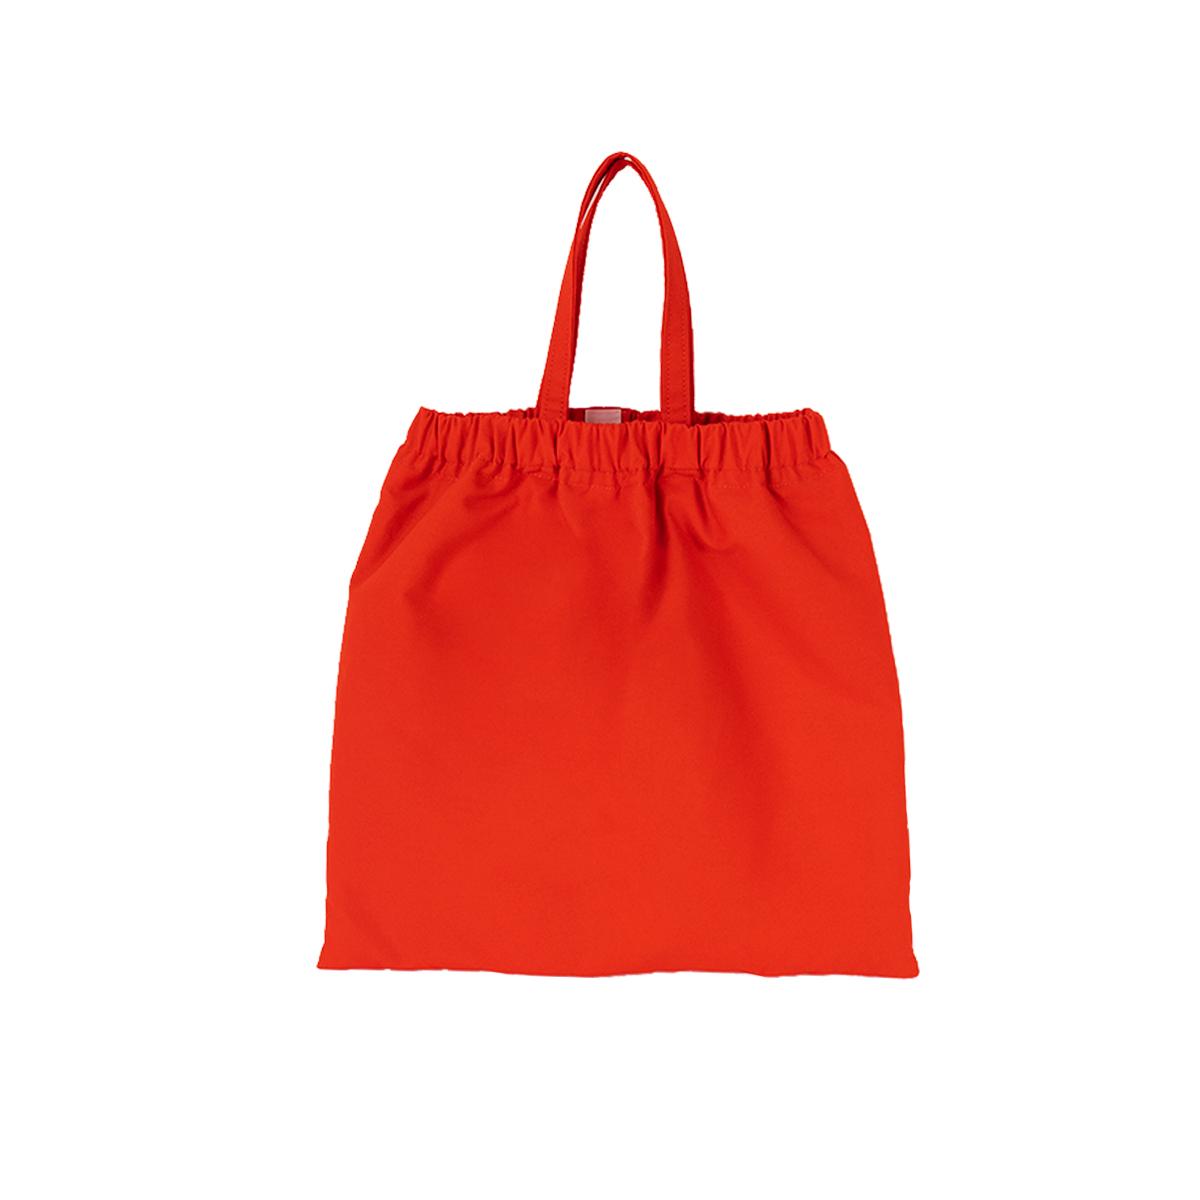 플랫폼엘 martens and martens wrinkle bag (red)